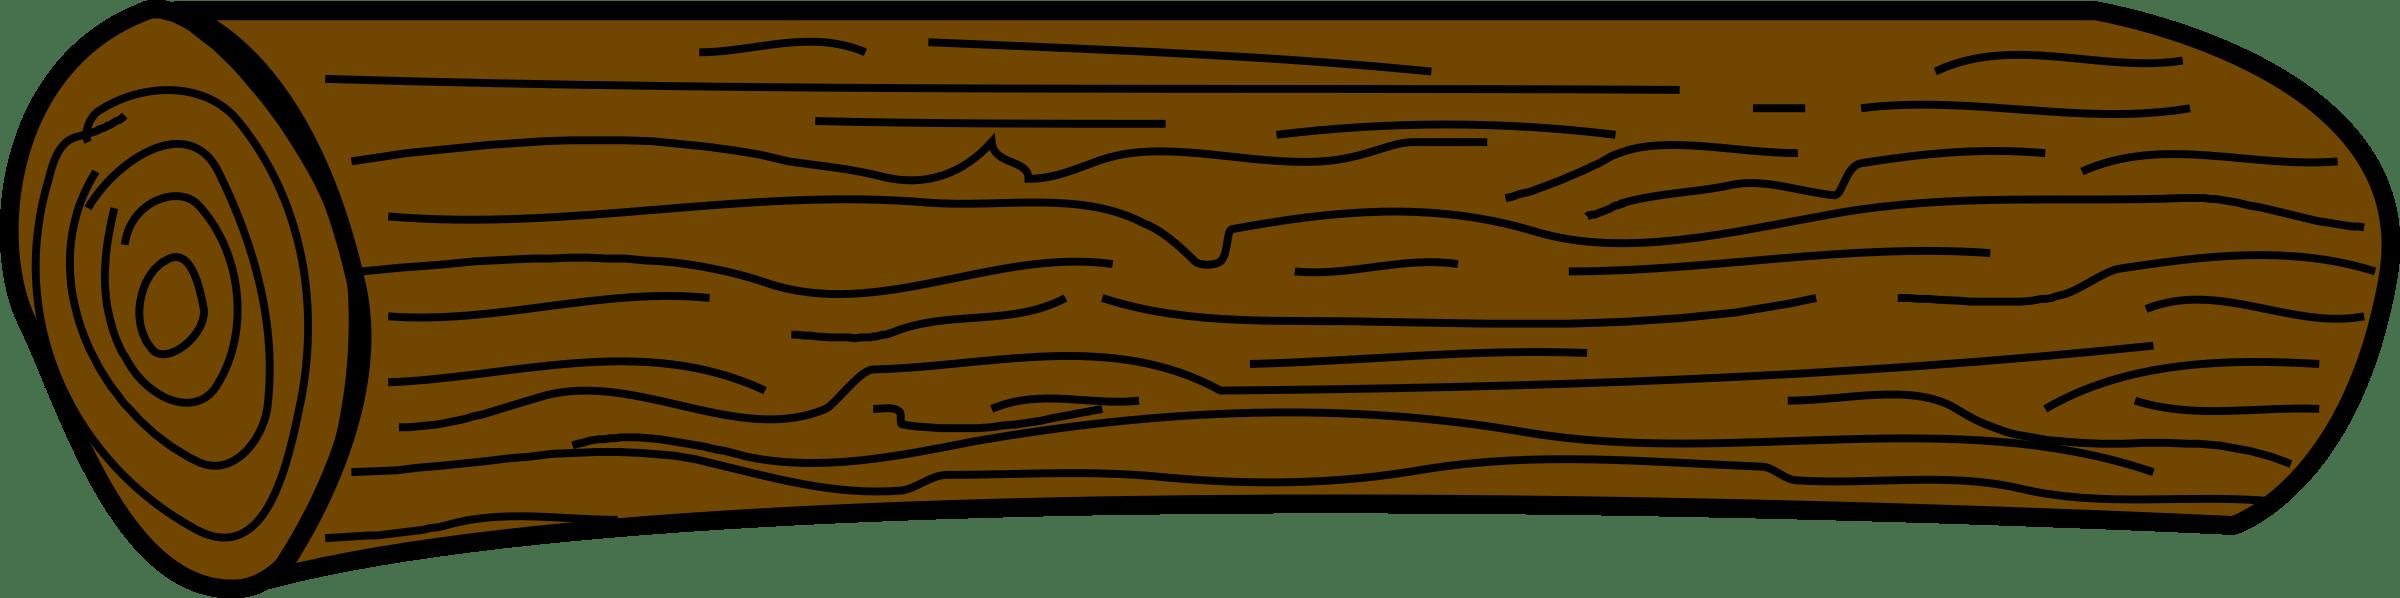 Brown log clipart 3 » Clipart Portal.